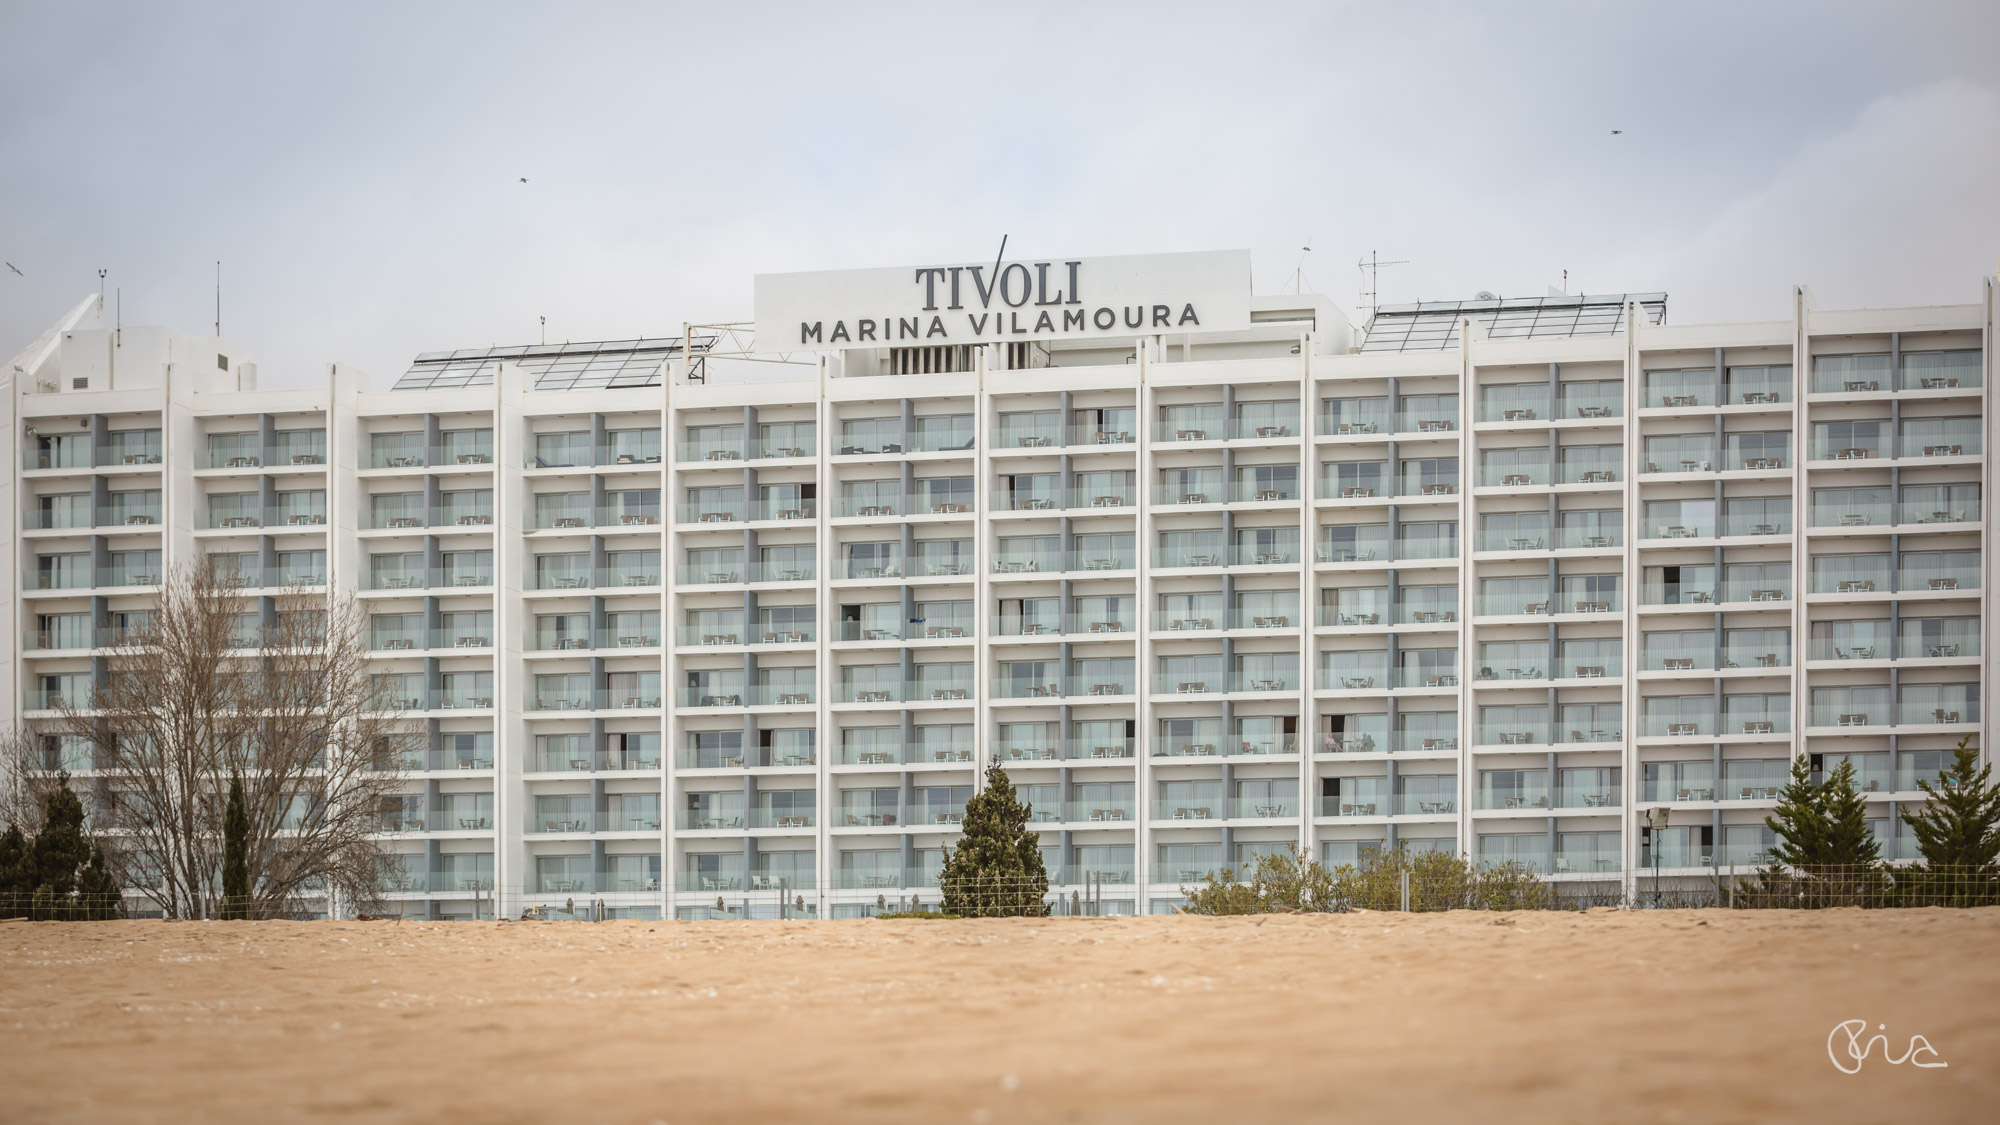 Tivoli Marina Vilamoura in Portugal